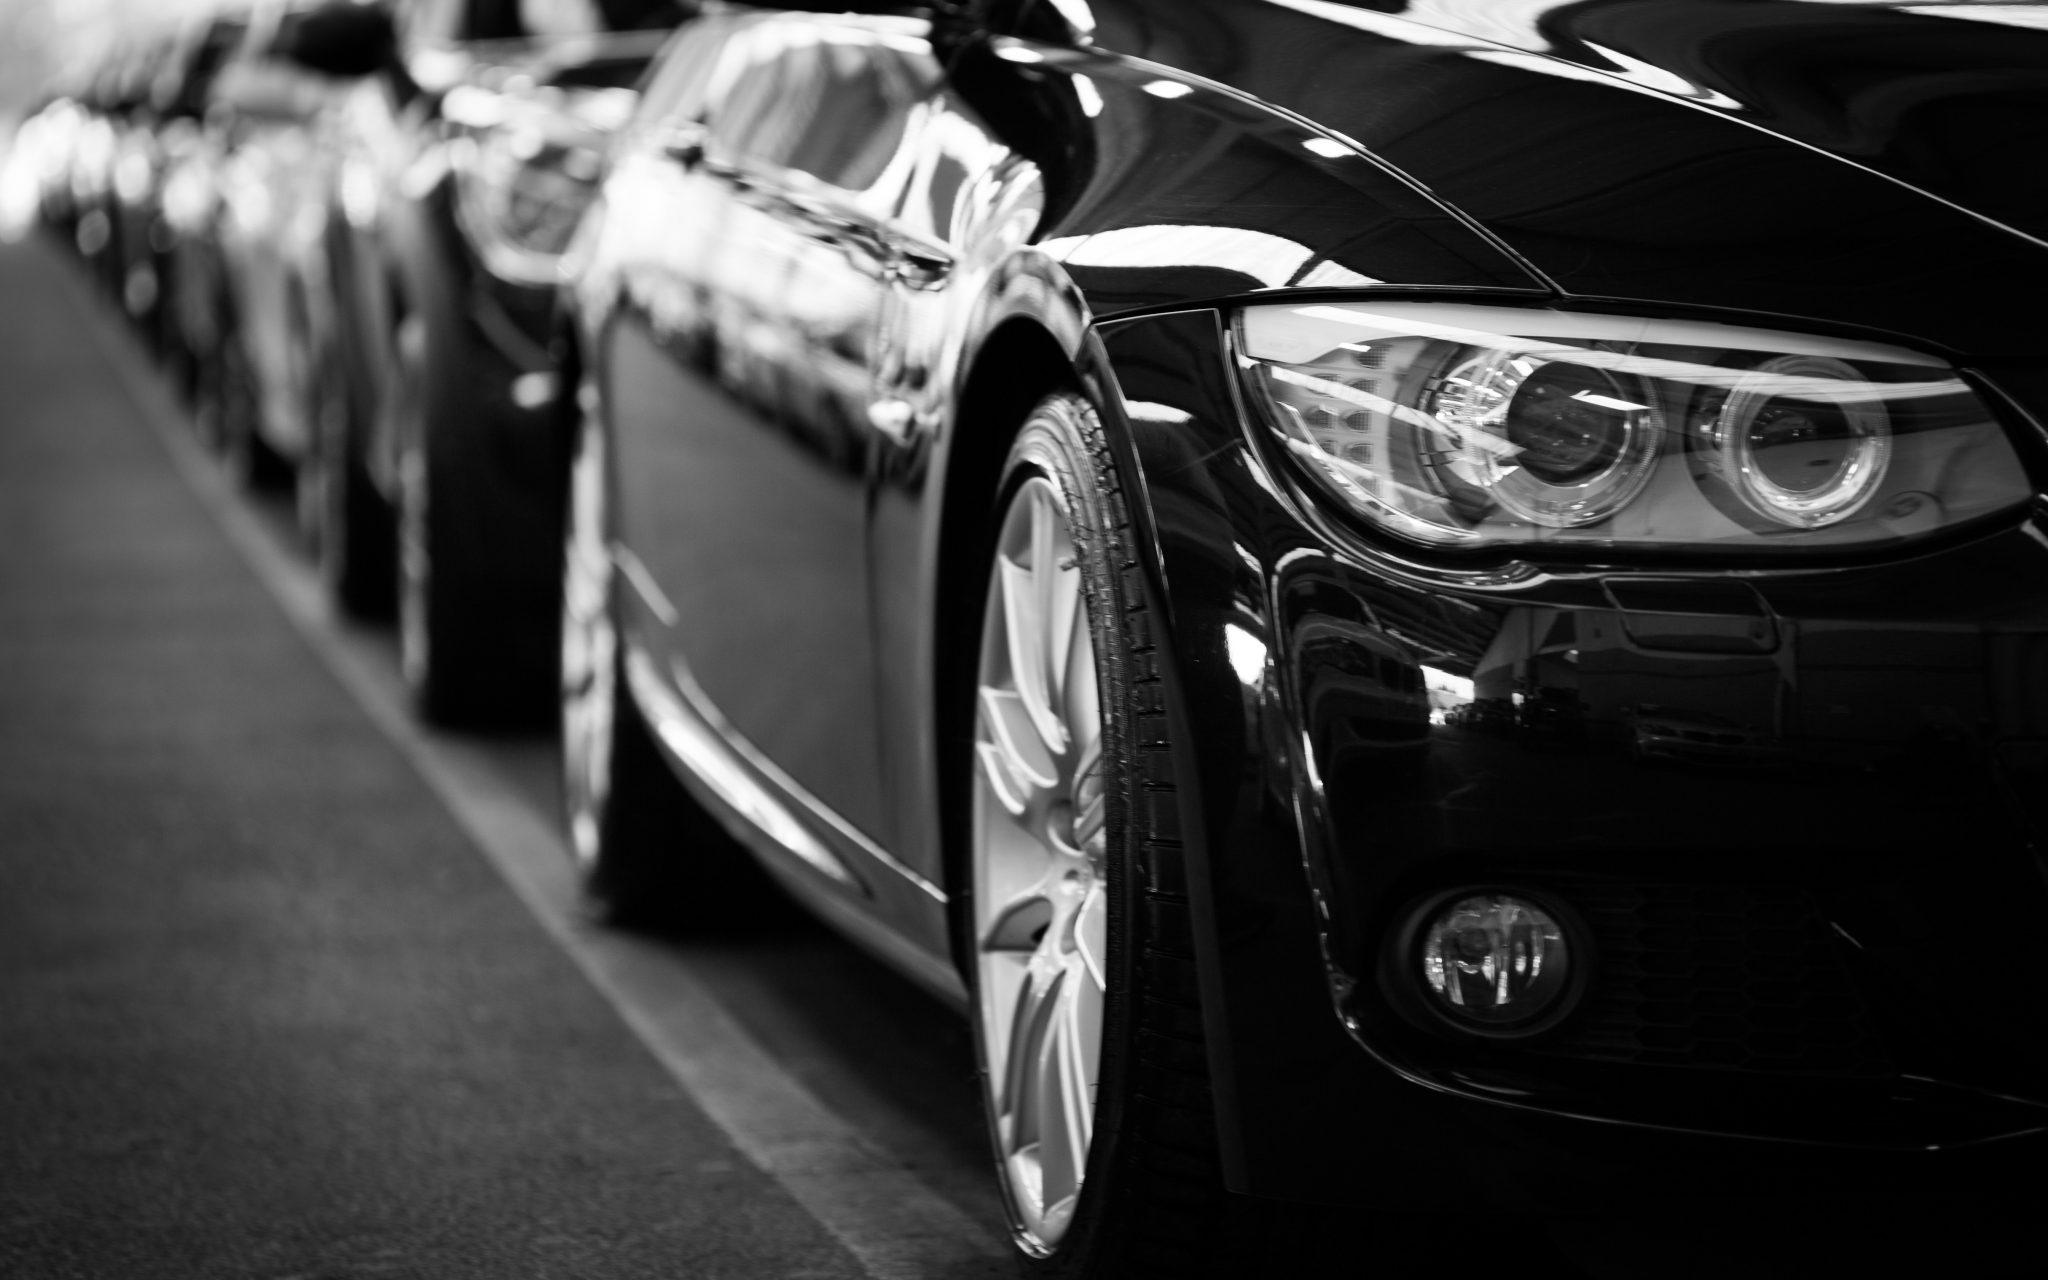 Opinia rzeczoznawcy kontrola stanu technicznego samochodu ekspert motoryzacyjny